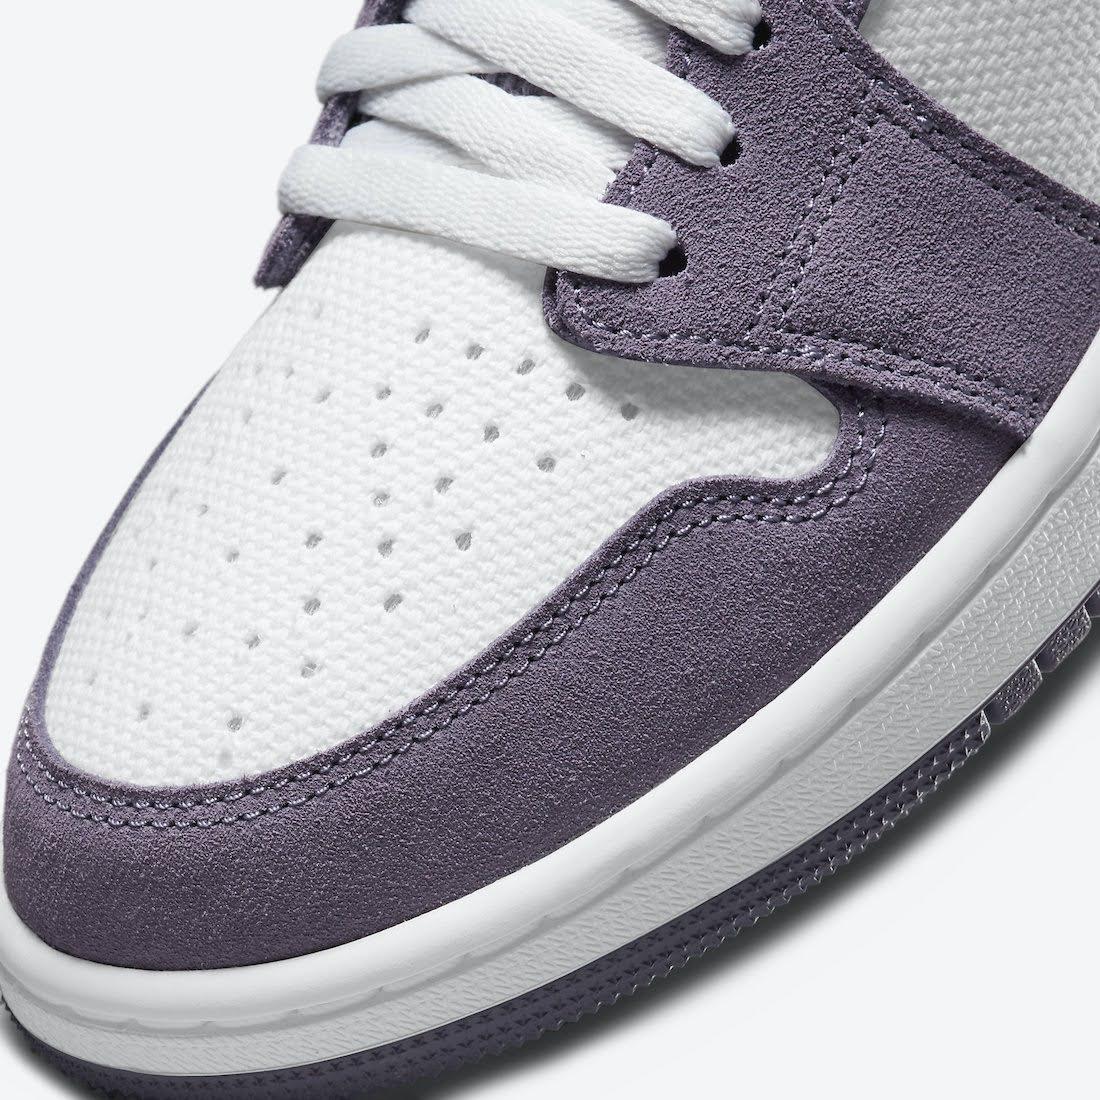 """ナイキ エア ジョーダン 1 ズーム コンフォート """"トロピカル ツイスト"""" Nike-Air-Jordan-1-Zoom-Comfort-Tropical-Twist-CT0978-150-toe"""